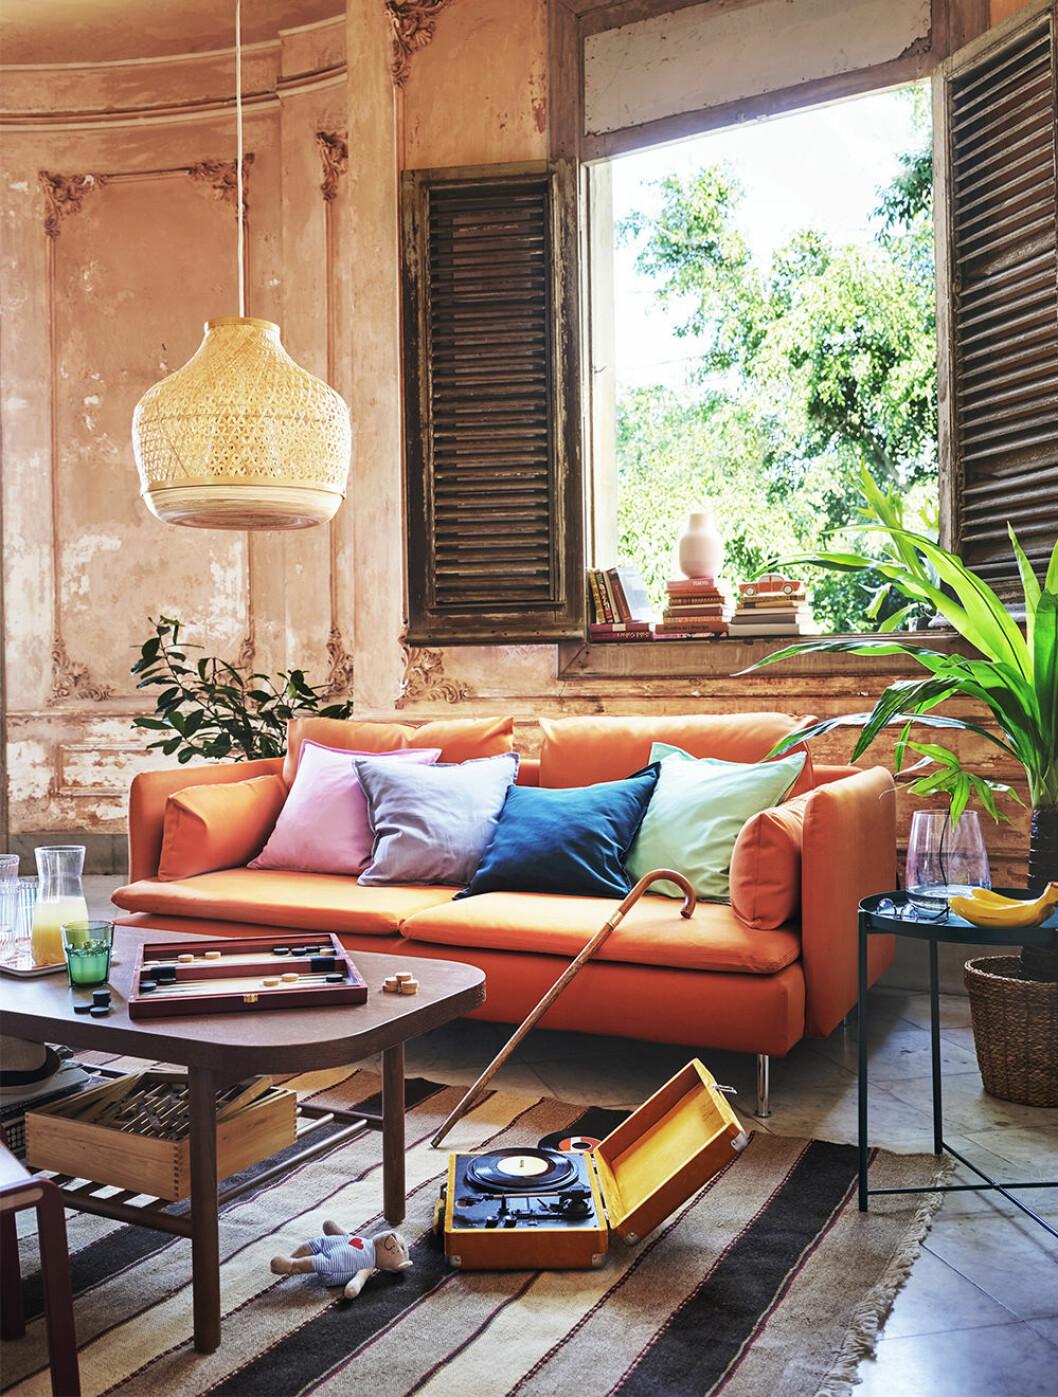 Soffa och vardagsrum med lampa från Ikea sommaren 2020